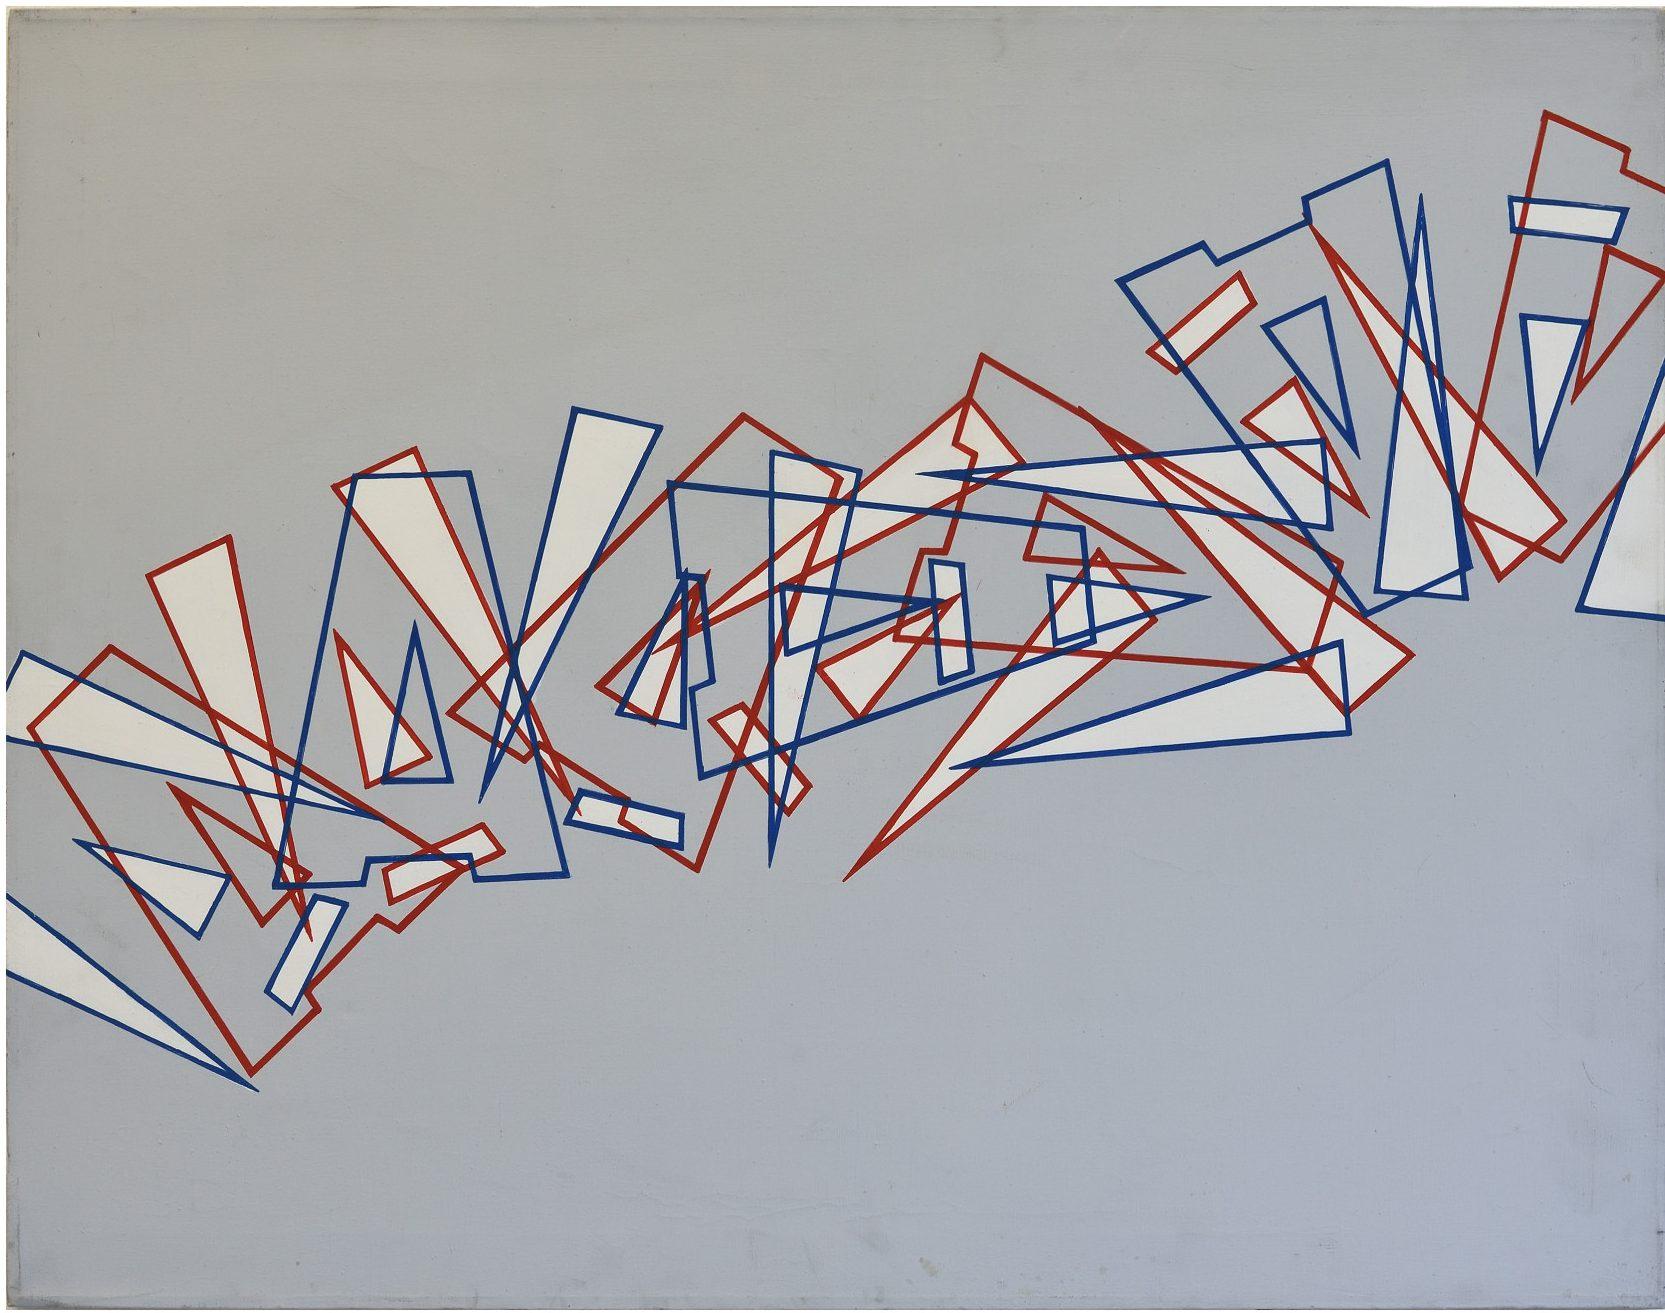 ArteFiera 2019 | Renato Spagnoli: 7224, 1972 - acrilico su tela, 60x100 cm |courtesy Gian Marco Casini Gallery, Livorno | foto di Francesco Levy